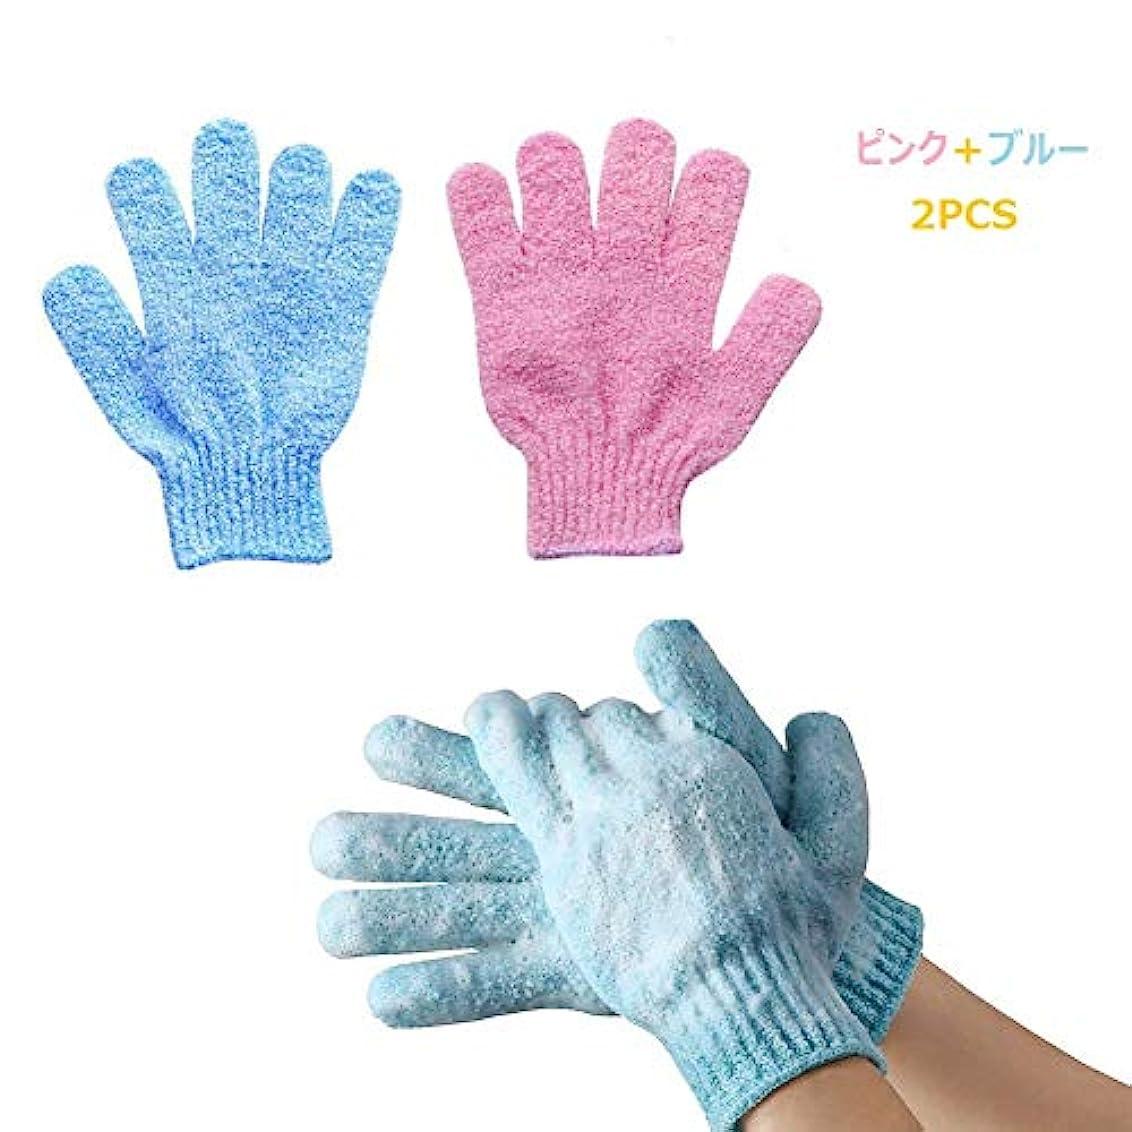 因子幽霊運搬ROOFTOPS お風呂手袋 五本指 シャワーグローブ 泡立ち 柔らかい 入浴用品 角質除去 垢すり 2PCS (ピンク+ブルー)